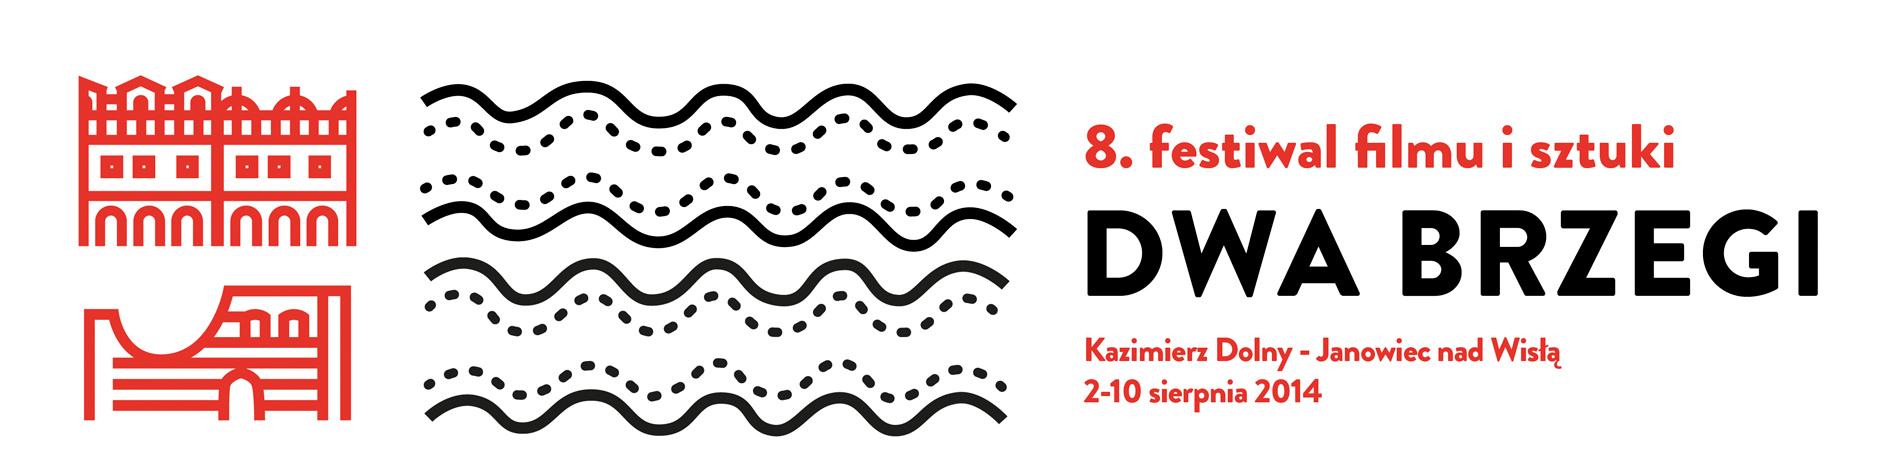 Festiwal Dwa Brzegi, Kazimierz Dolny nad Wisłą (źródło materiały prasowe organizatora)